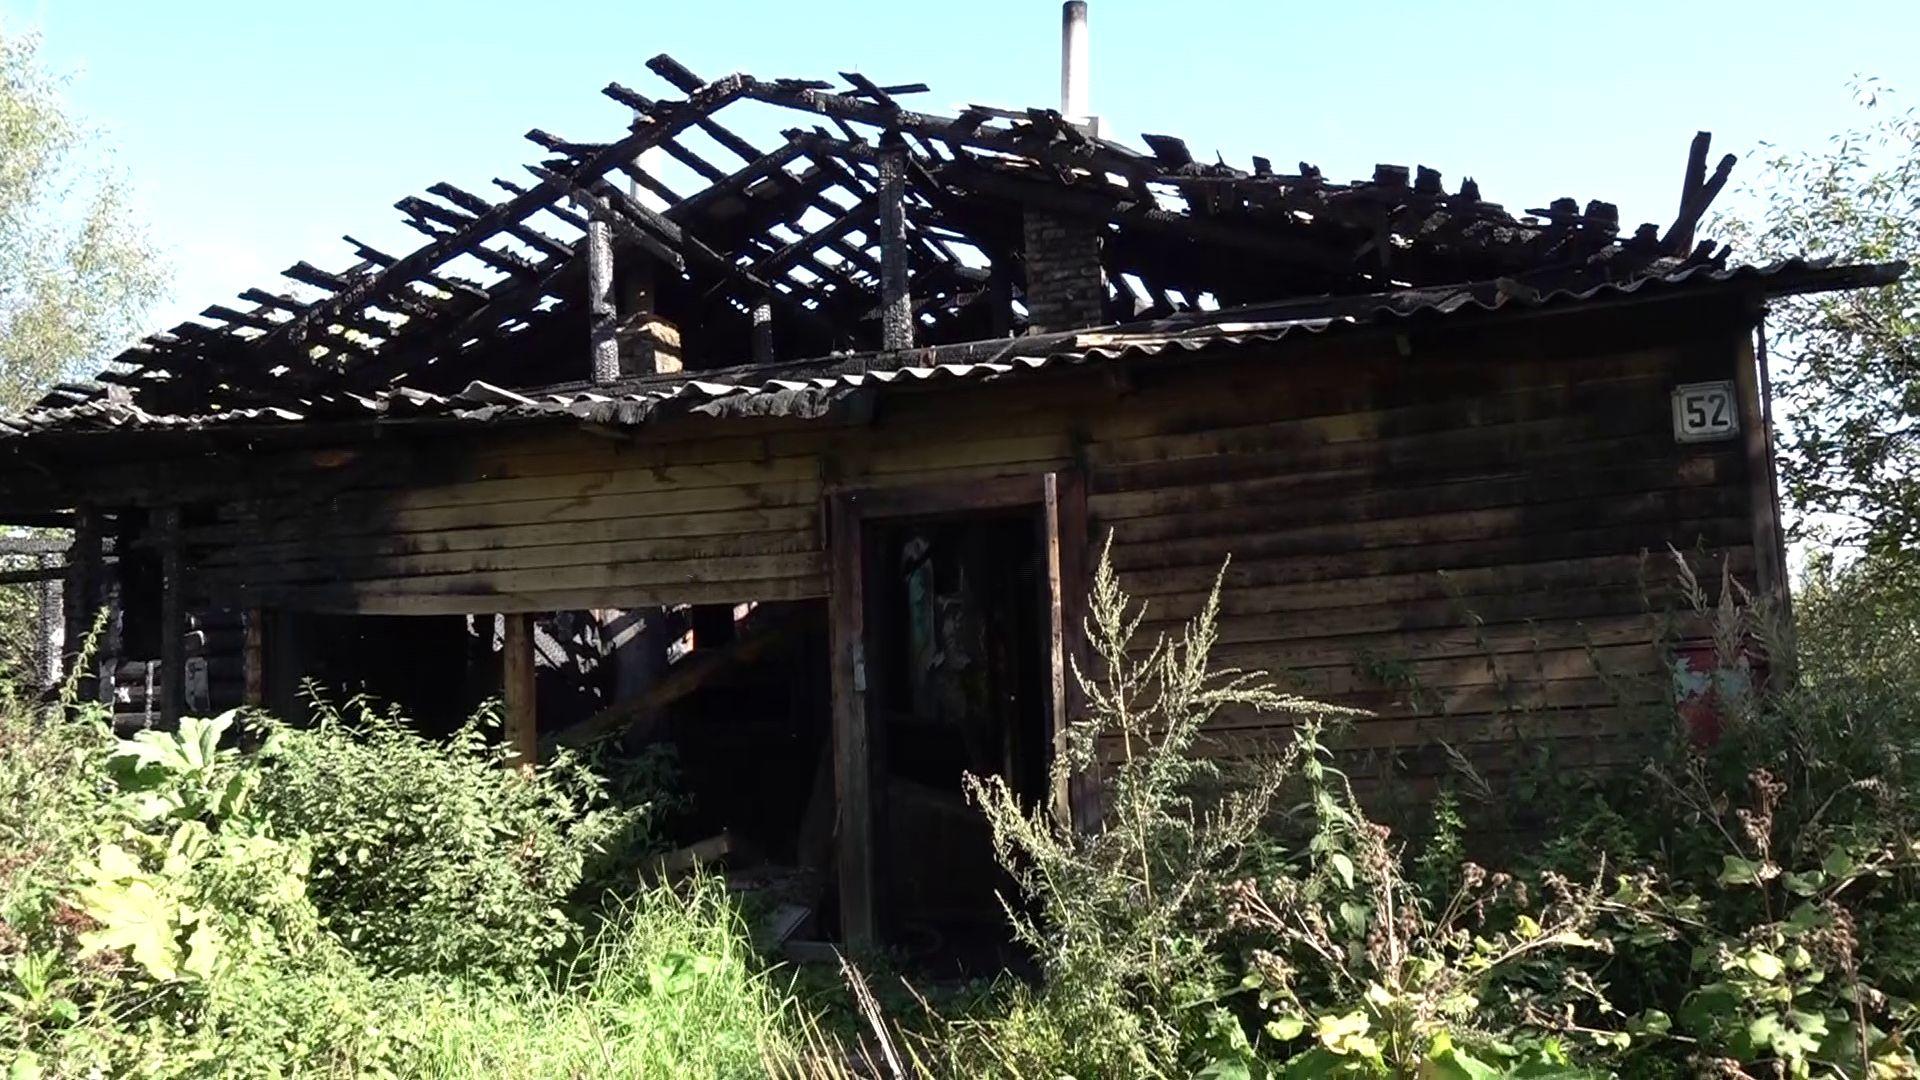 Жителей сгоревшего дома в Пятовском расселят до 2032 года